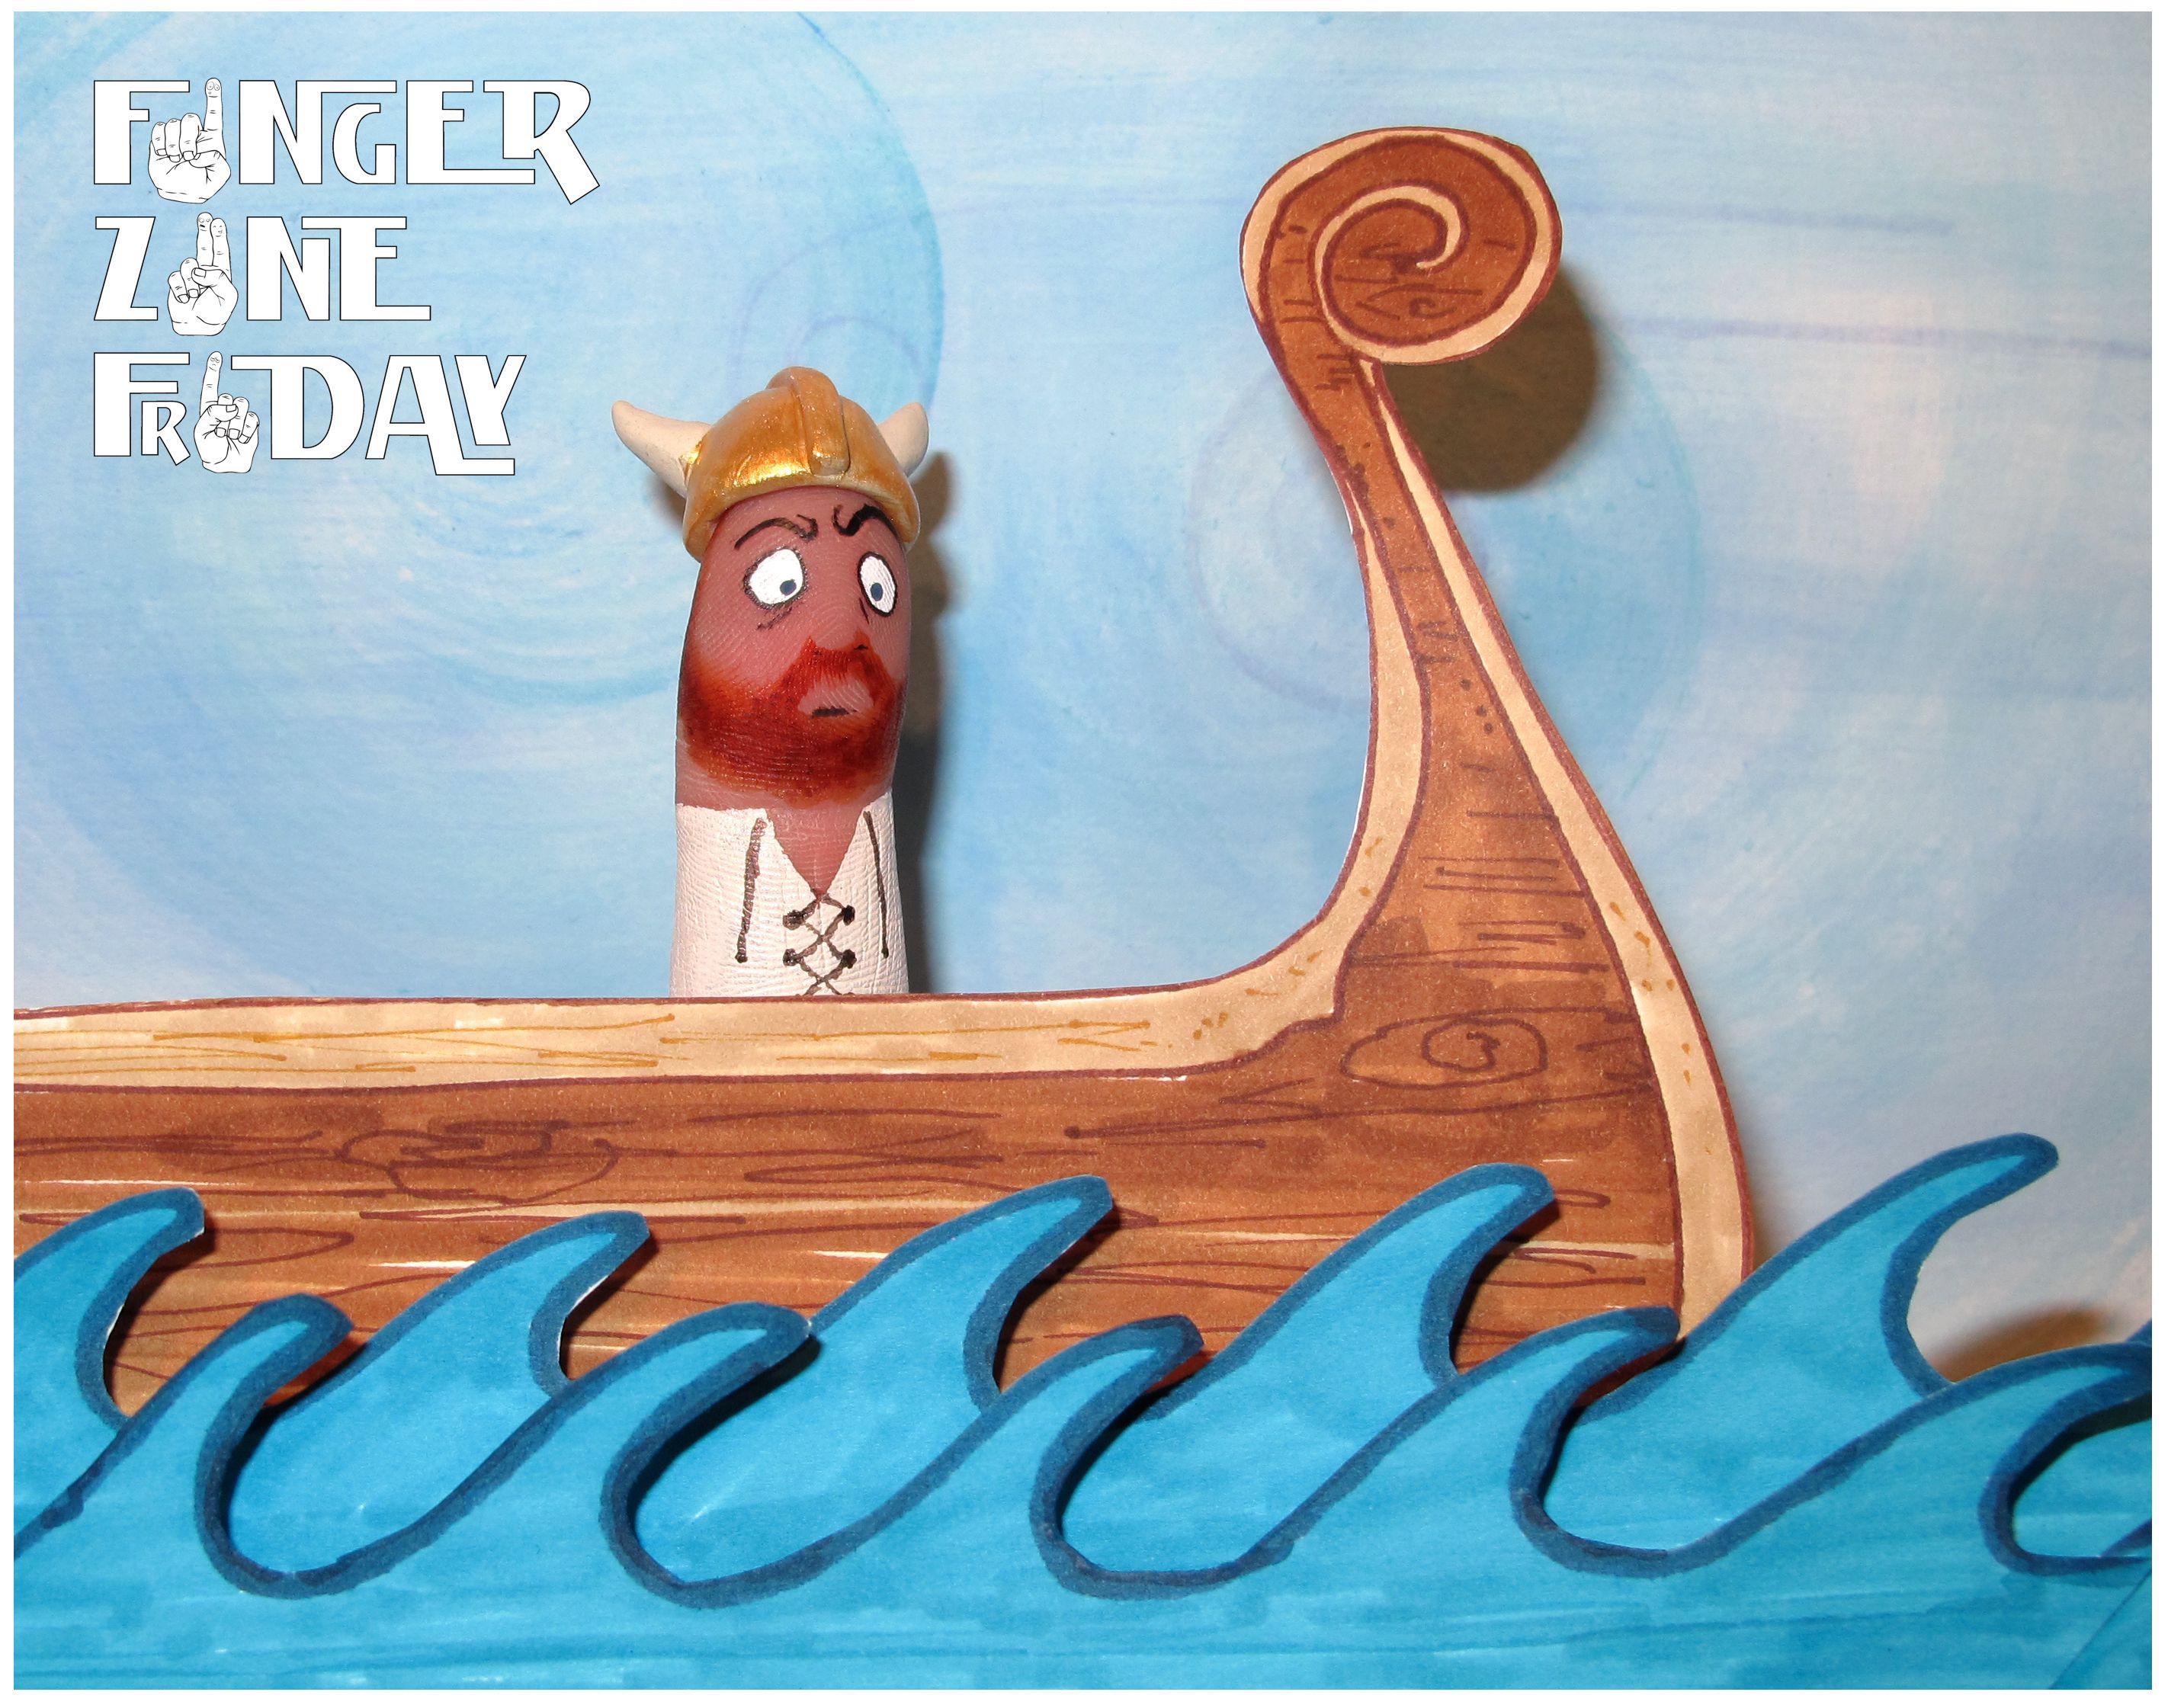 Viking FiNGER ZiNE FRiDAY